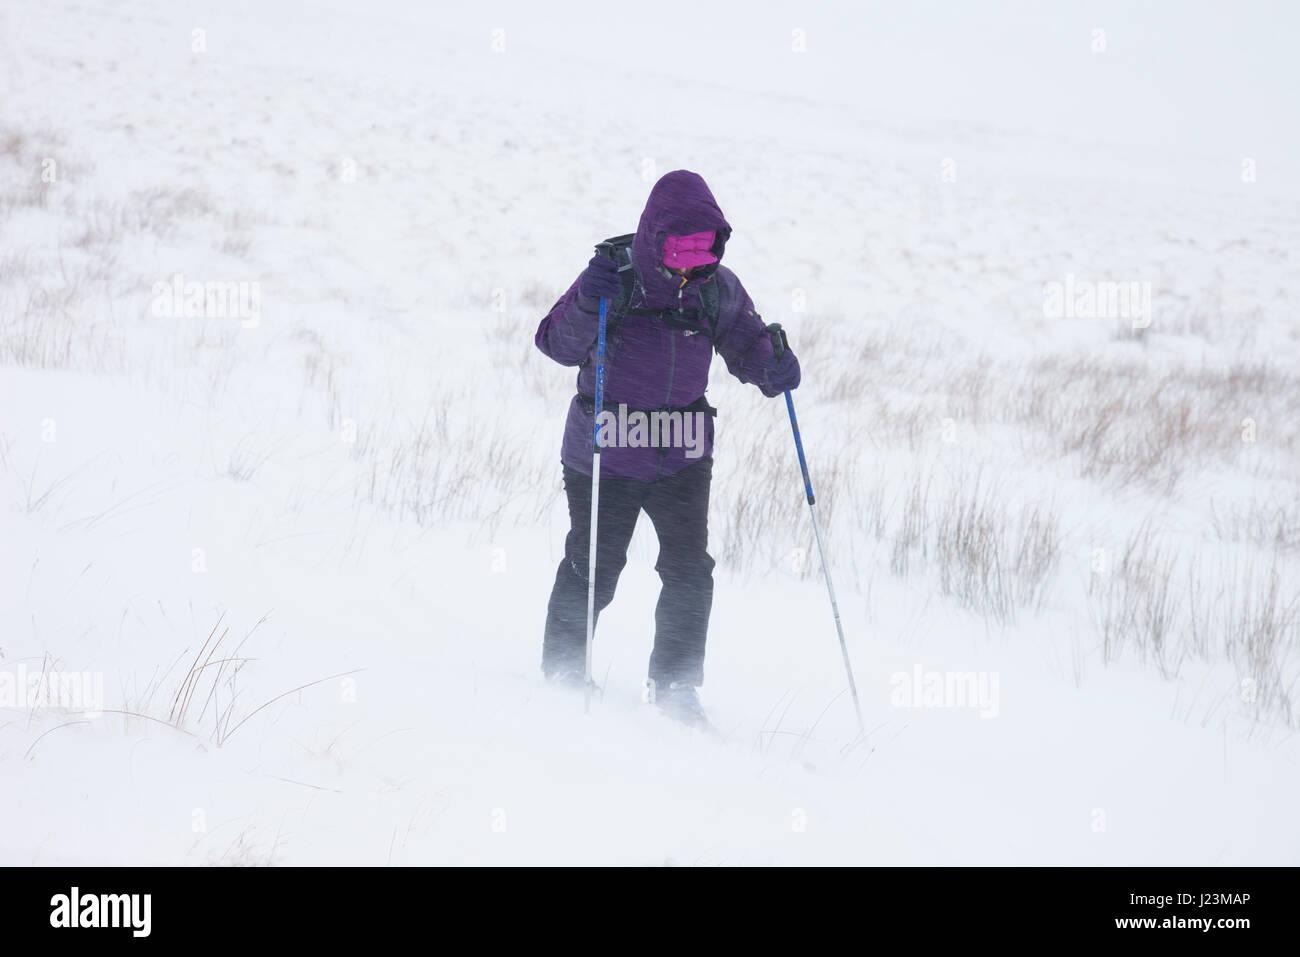 Esquí de travesía en condiciones de Blizzard en Los Peninos del Norte, asiento Burnhope, Cumbria Reino Unido Foto de stock